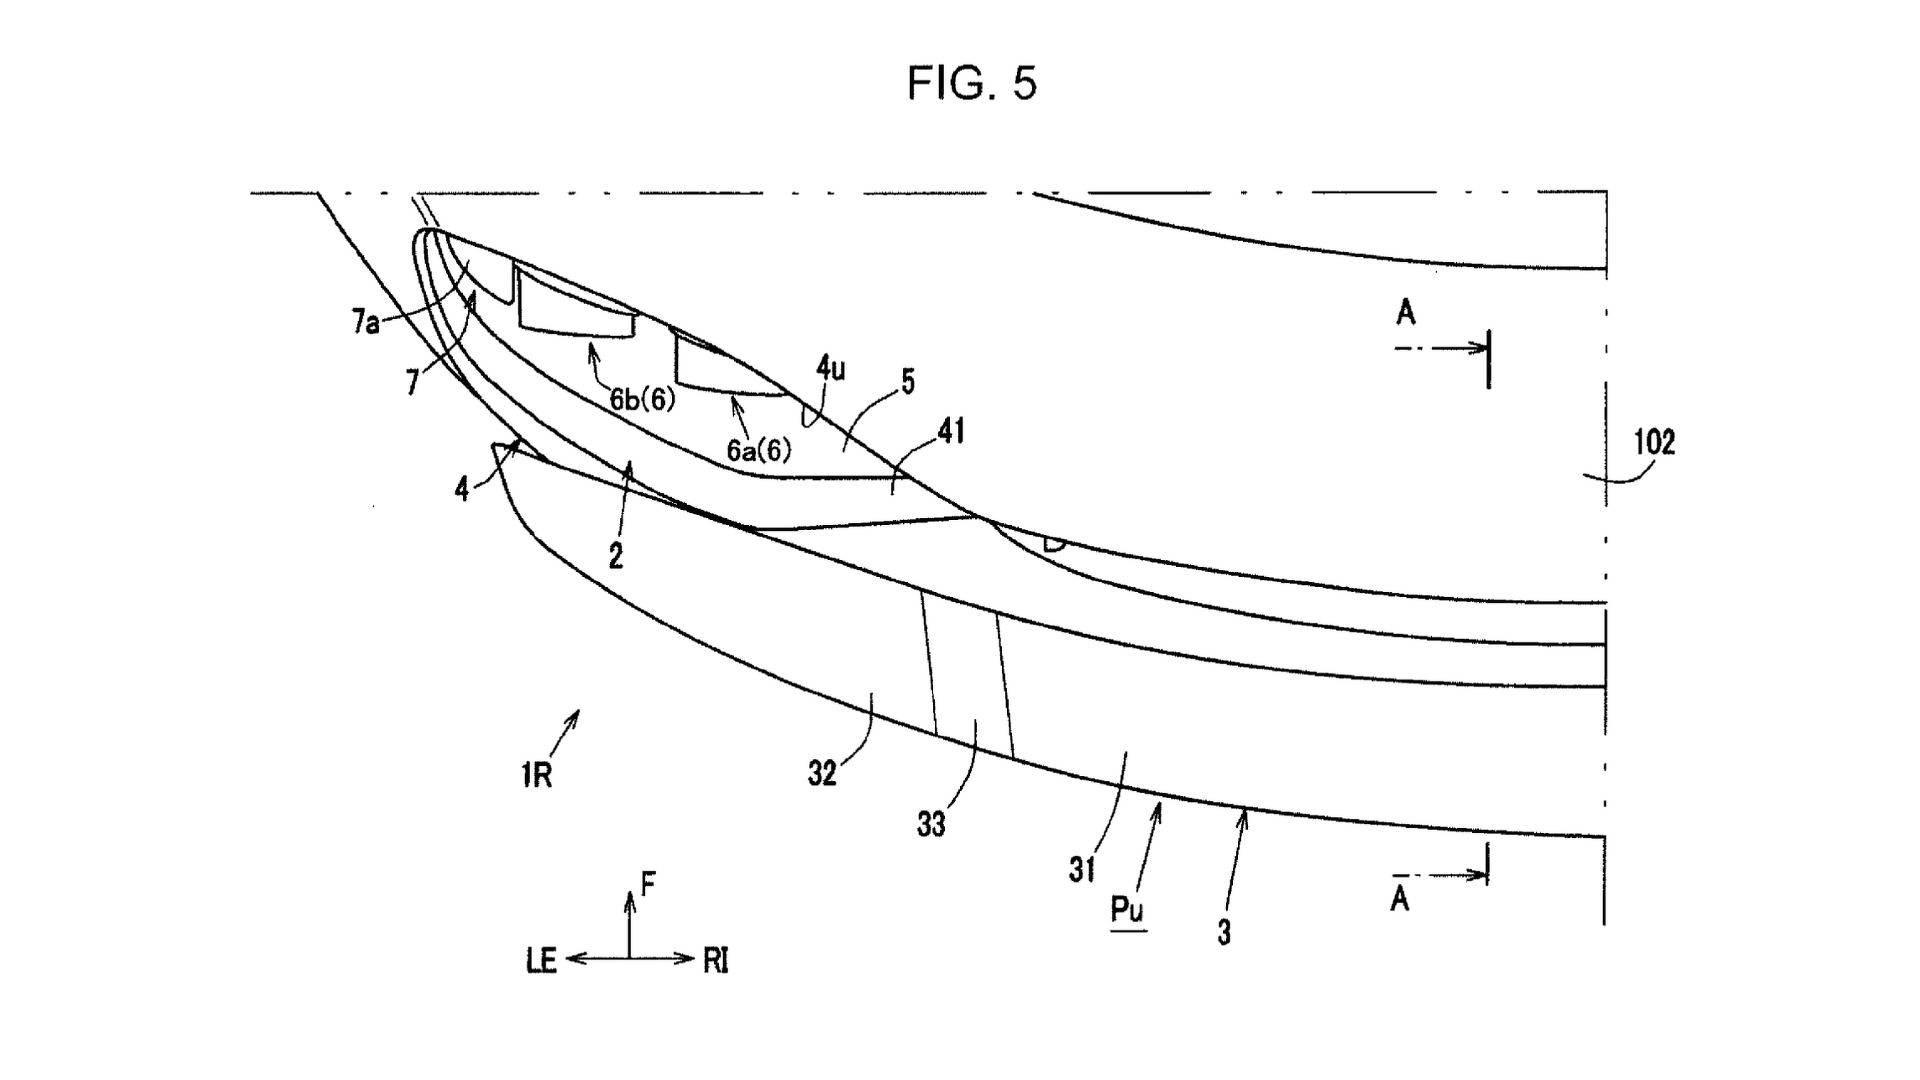 Mazda_Rear_Spoiler_Patent_05